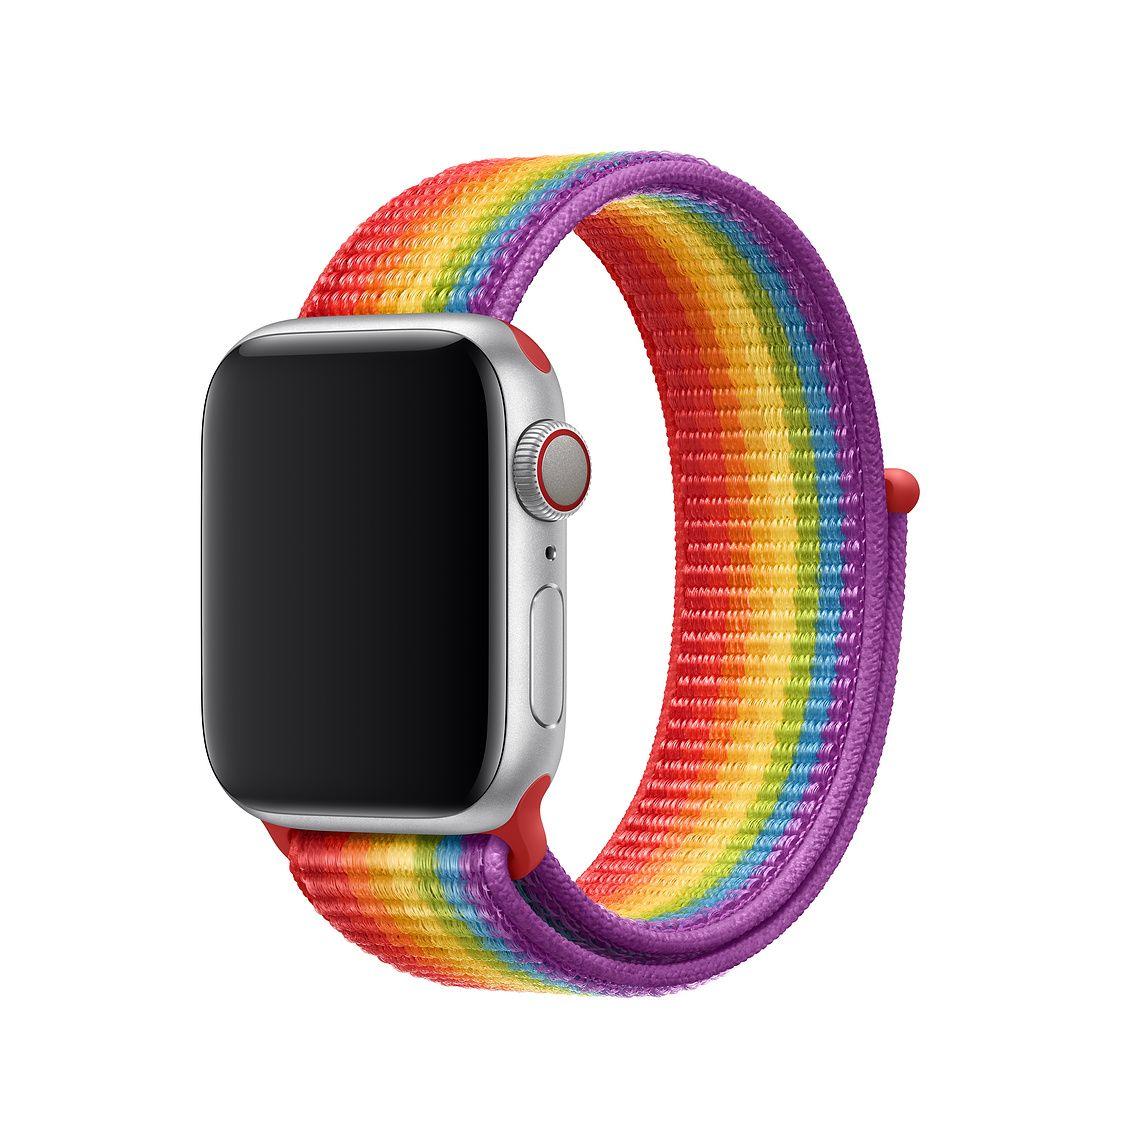 40mm Pride Edition Sport Loop Apple Apple watch